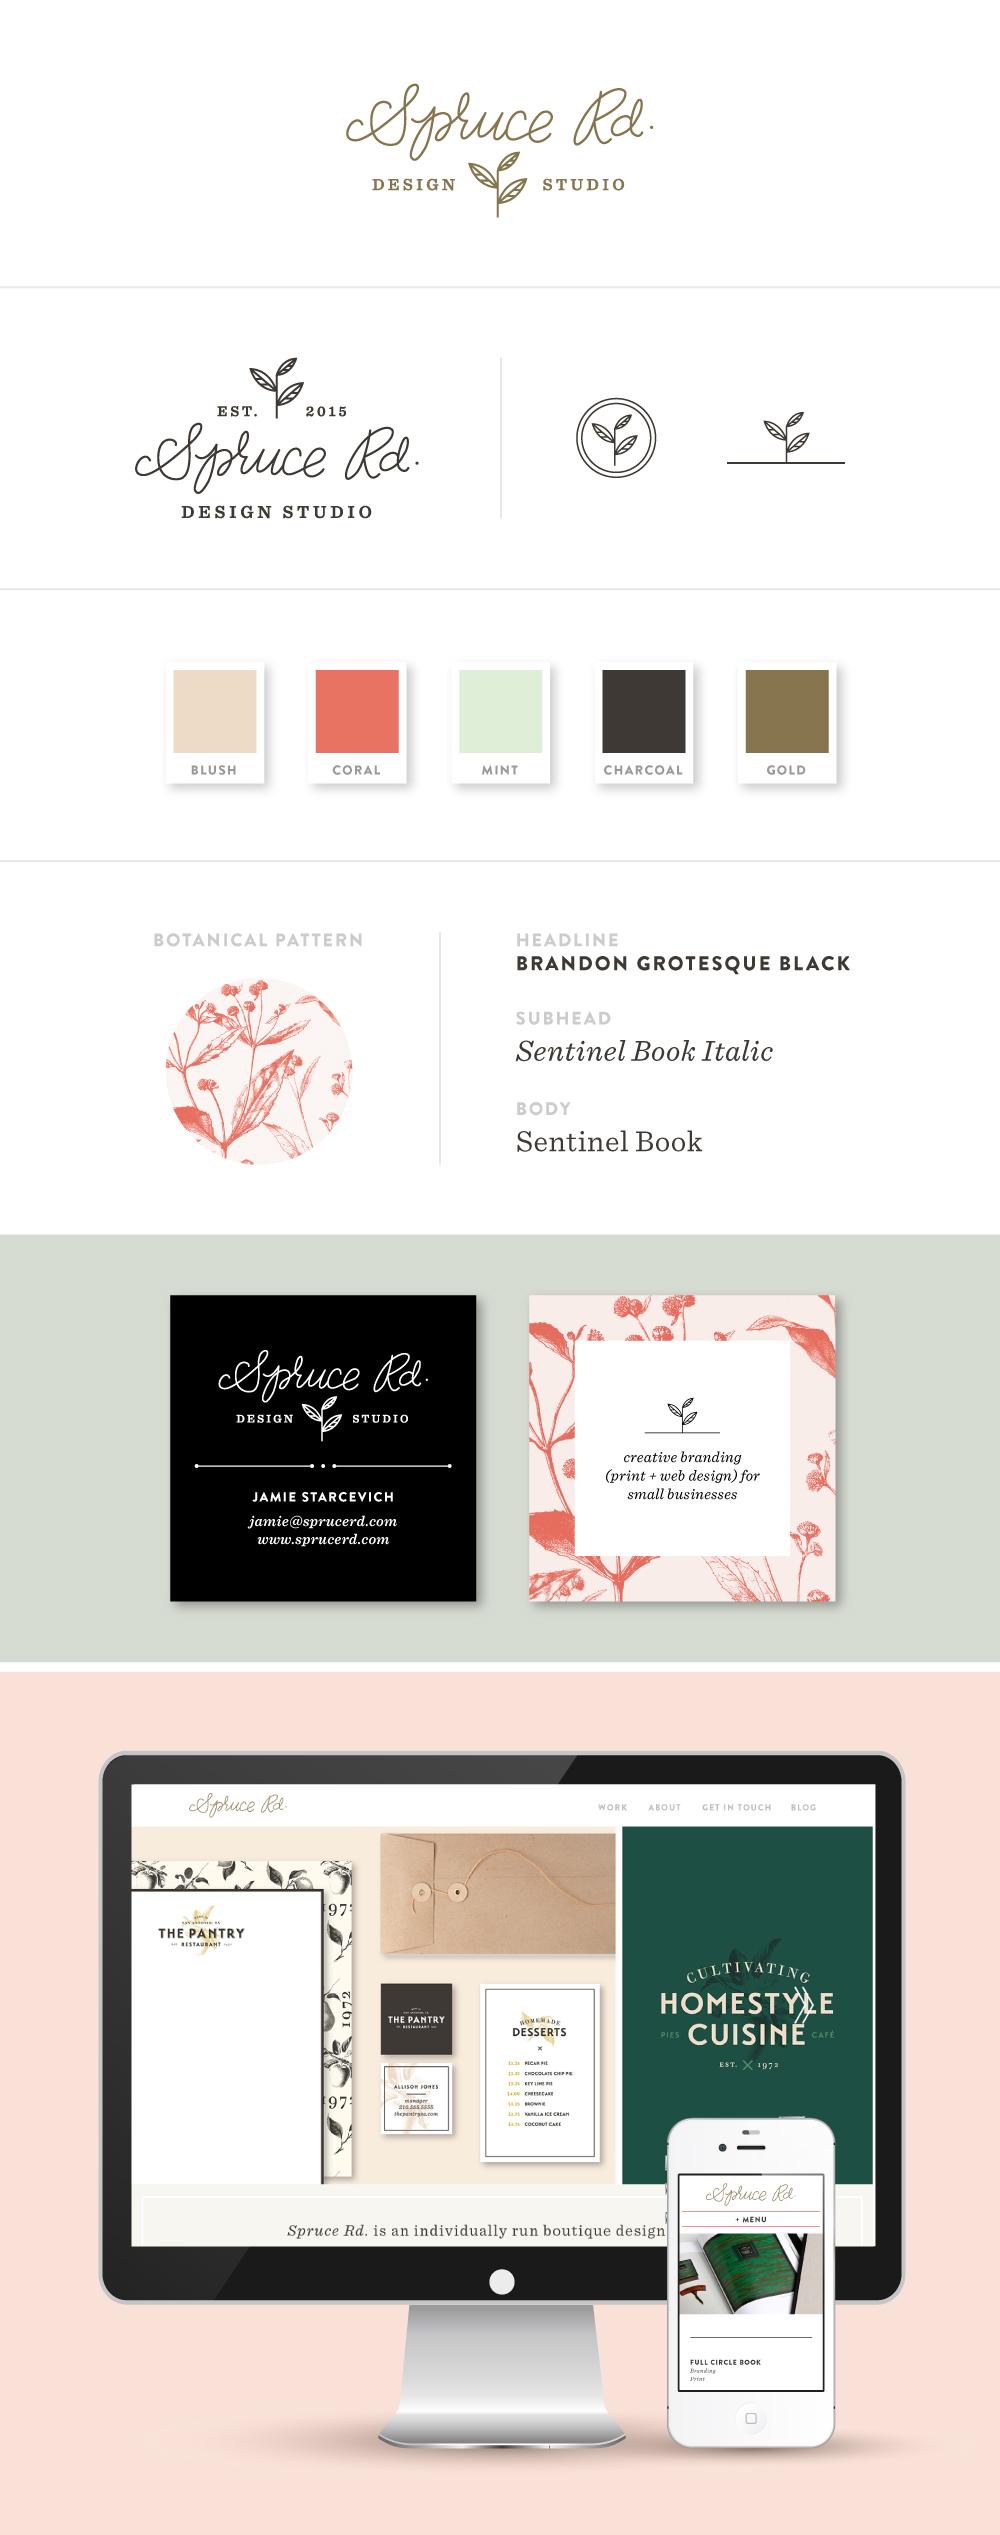 Branding Design | Spruce Rd. #branding #design #logo #lettering #graphicdesign #freelance